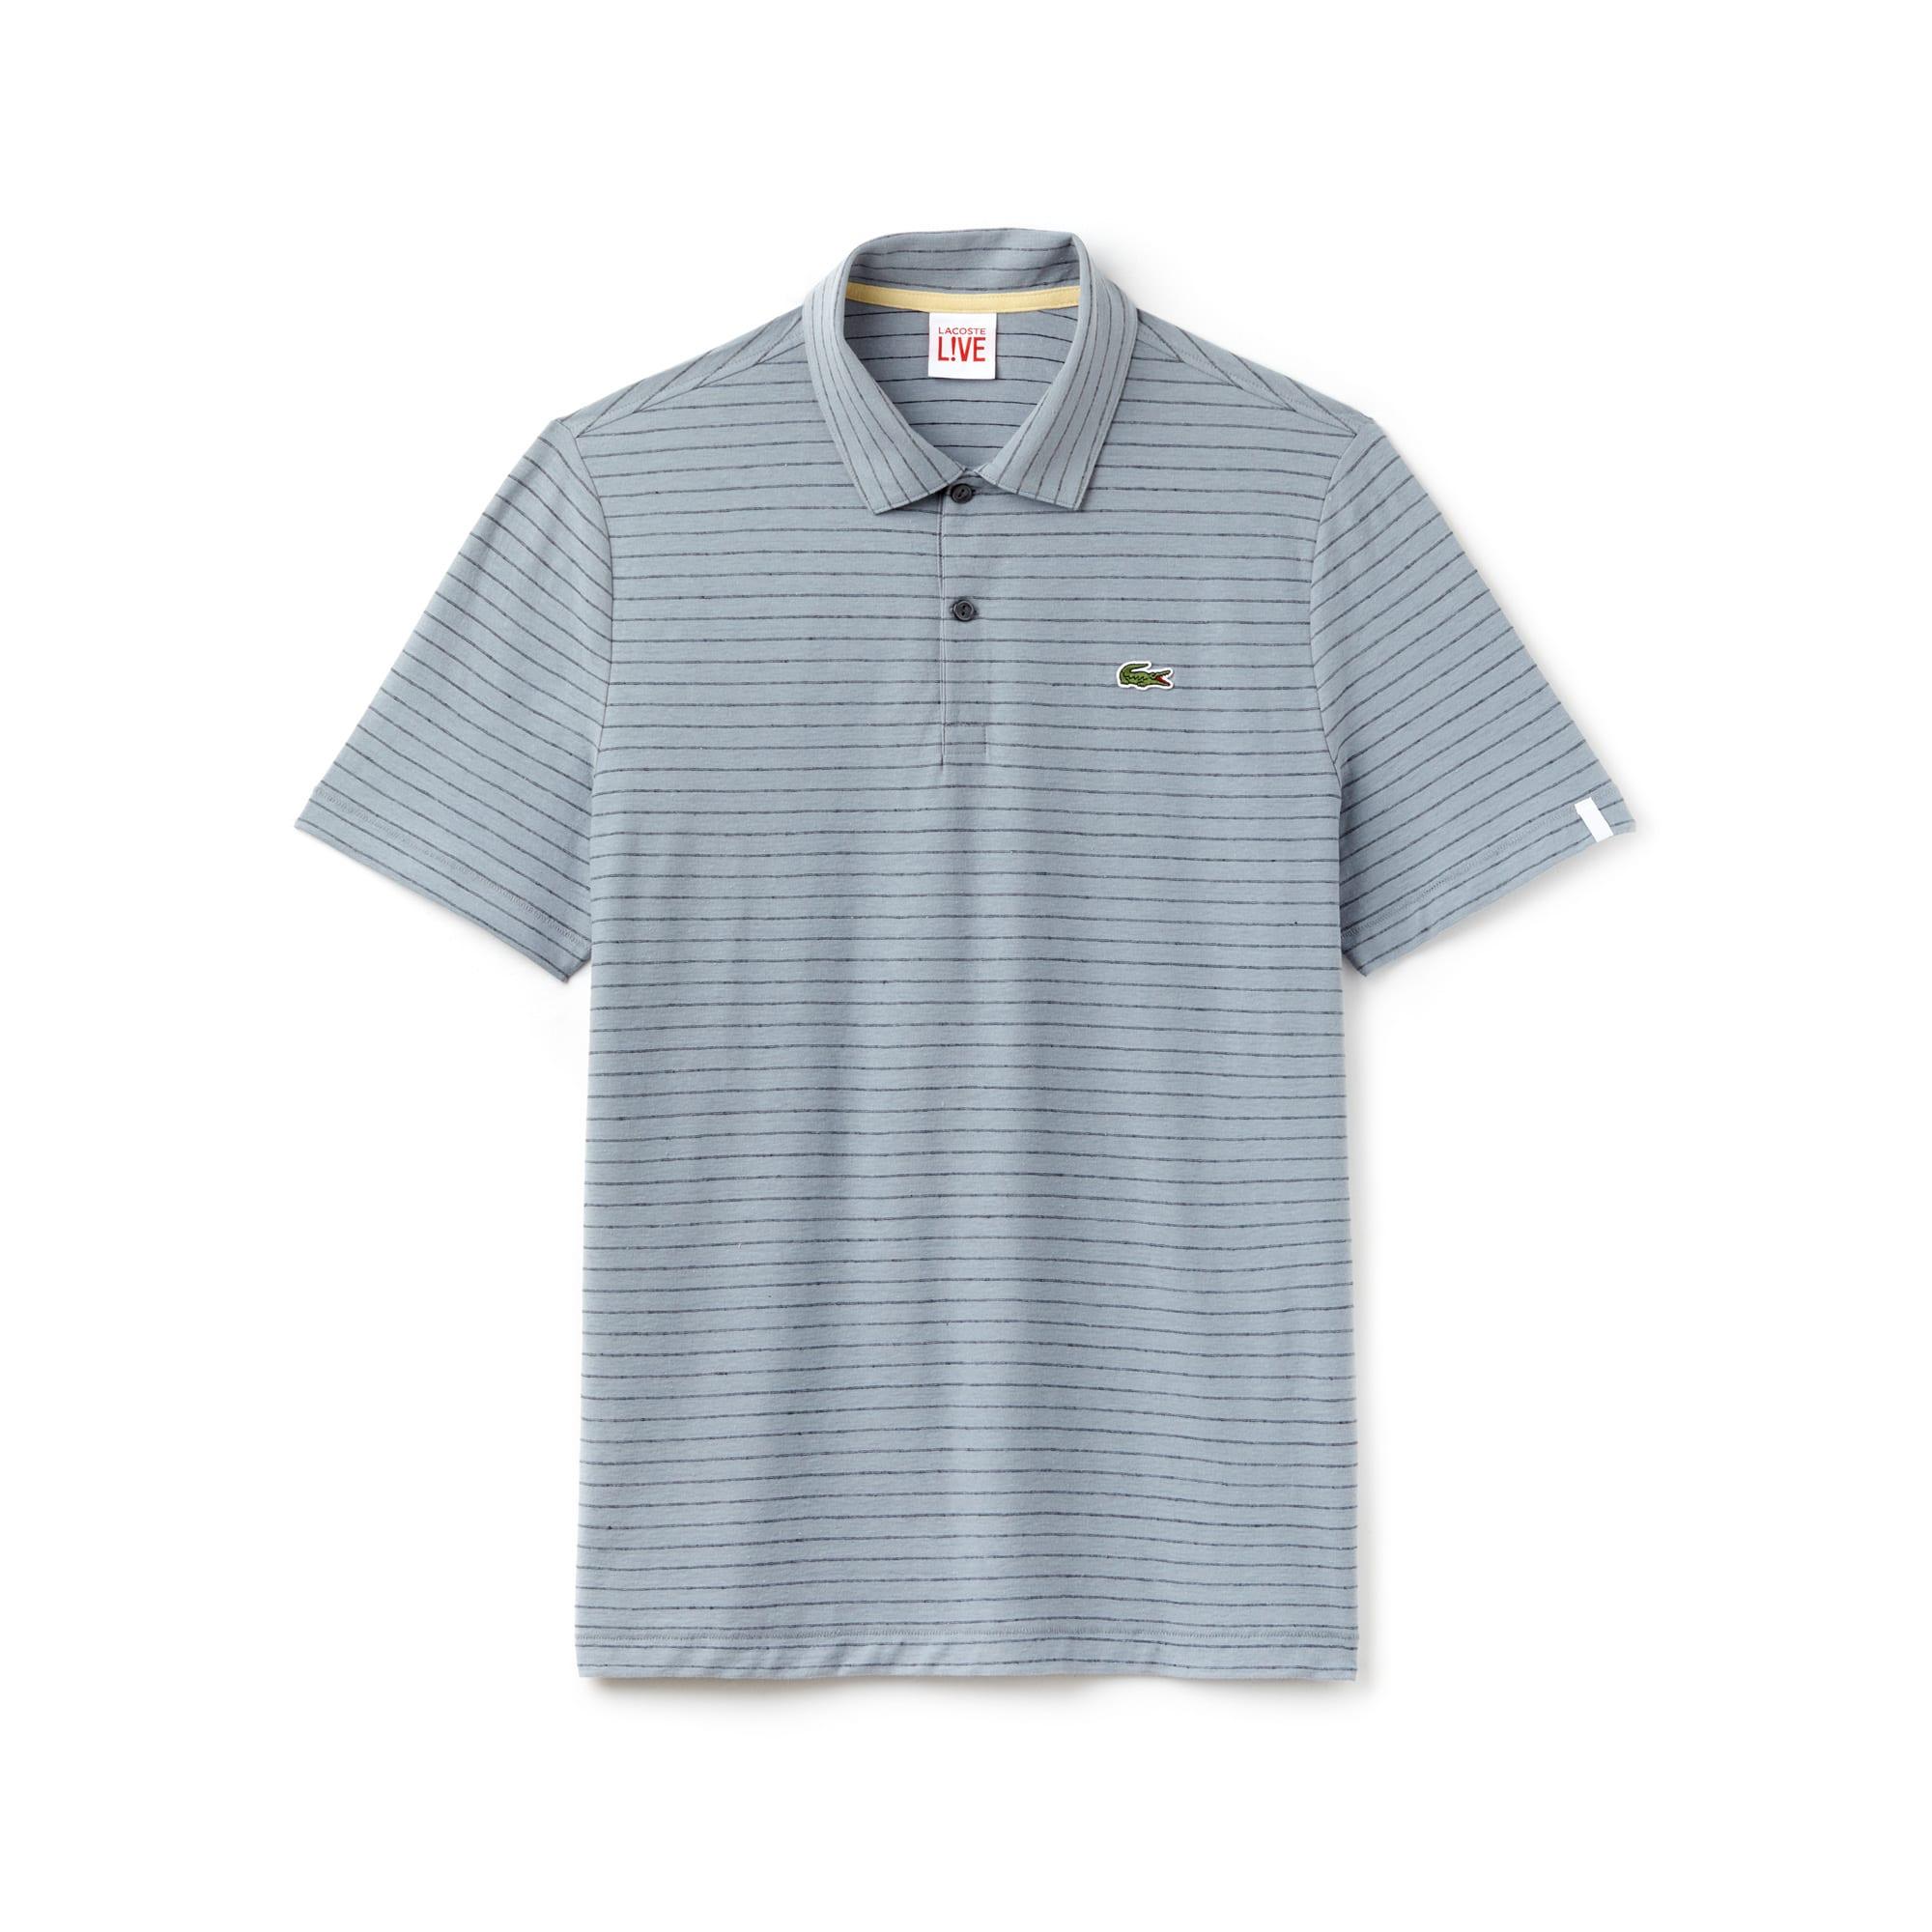 Slim Fit Herren-Poloshirt aus Baumwolle und Leinen LACOSTE L!VE